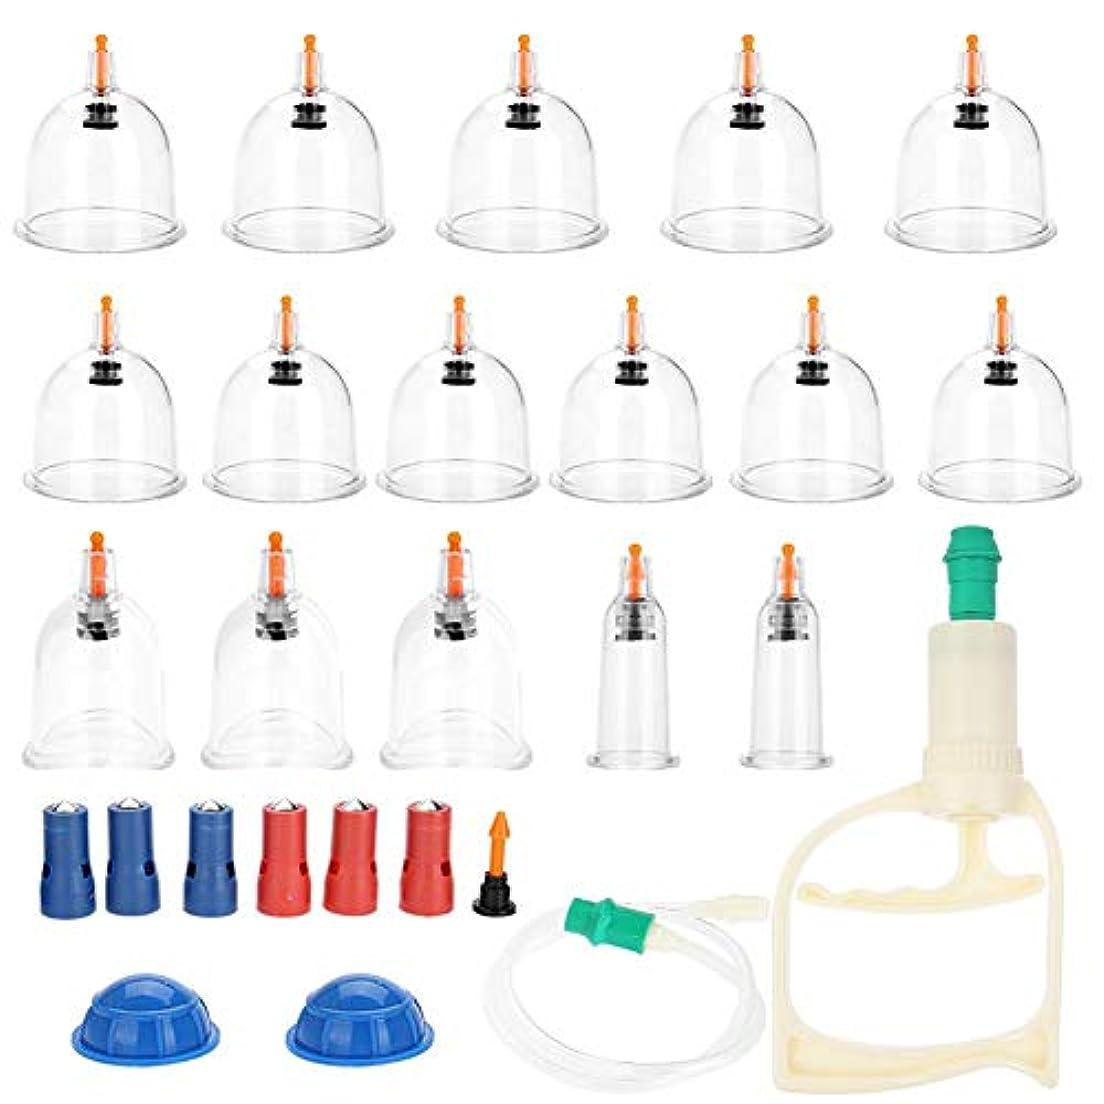 覆す太字行進カッピング - Delaman cupping、吸い玉カップ、真空吸引カッピングキット、マッサージカッピングセット、グリップハンド 真空ポンプ